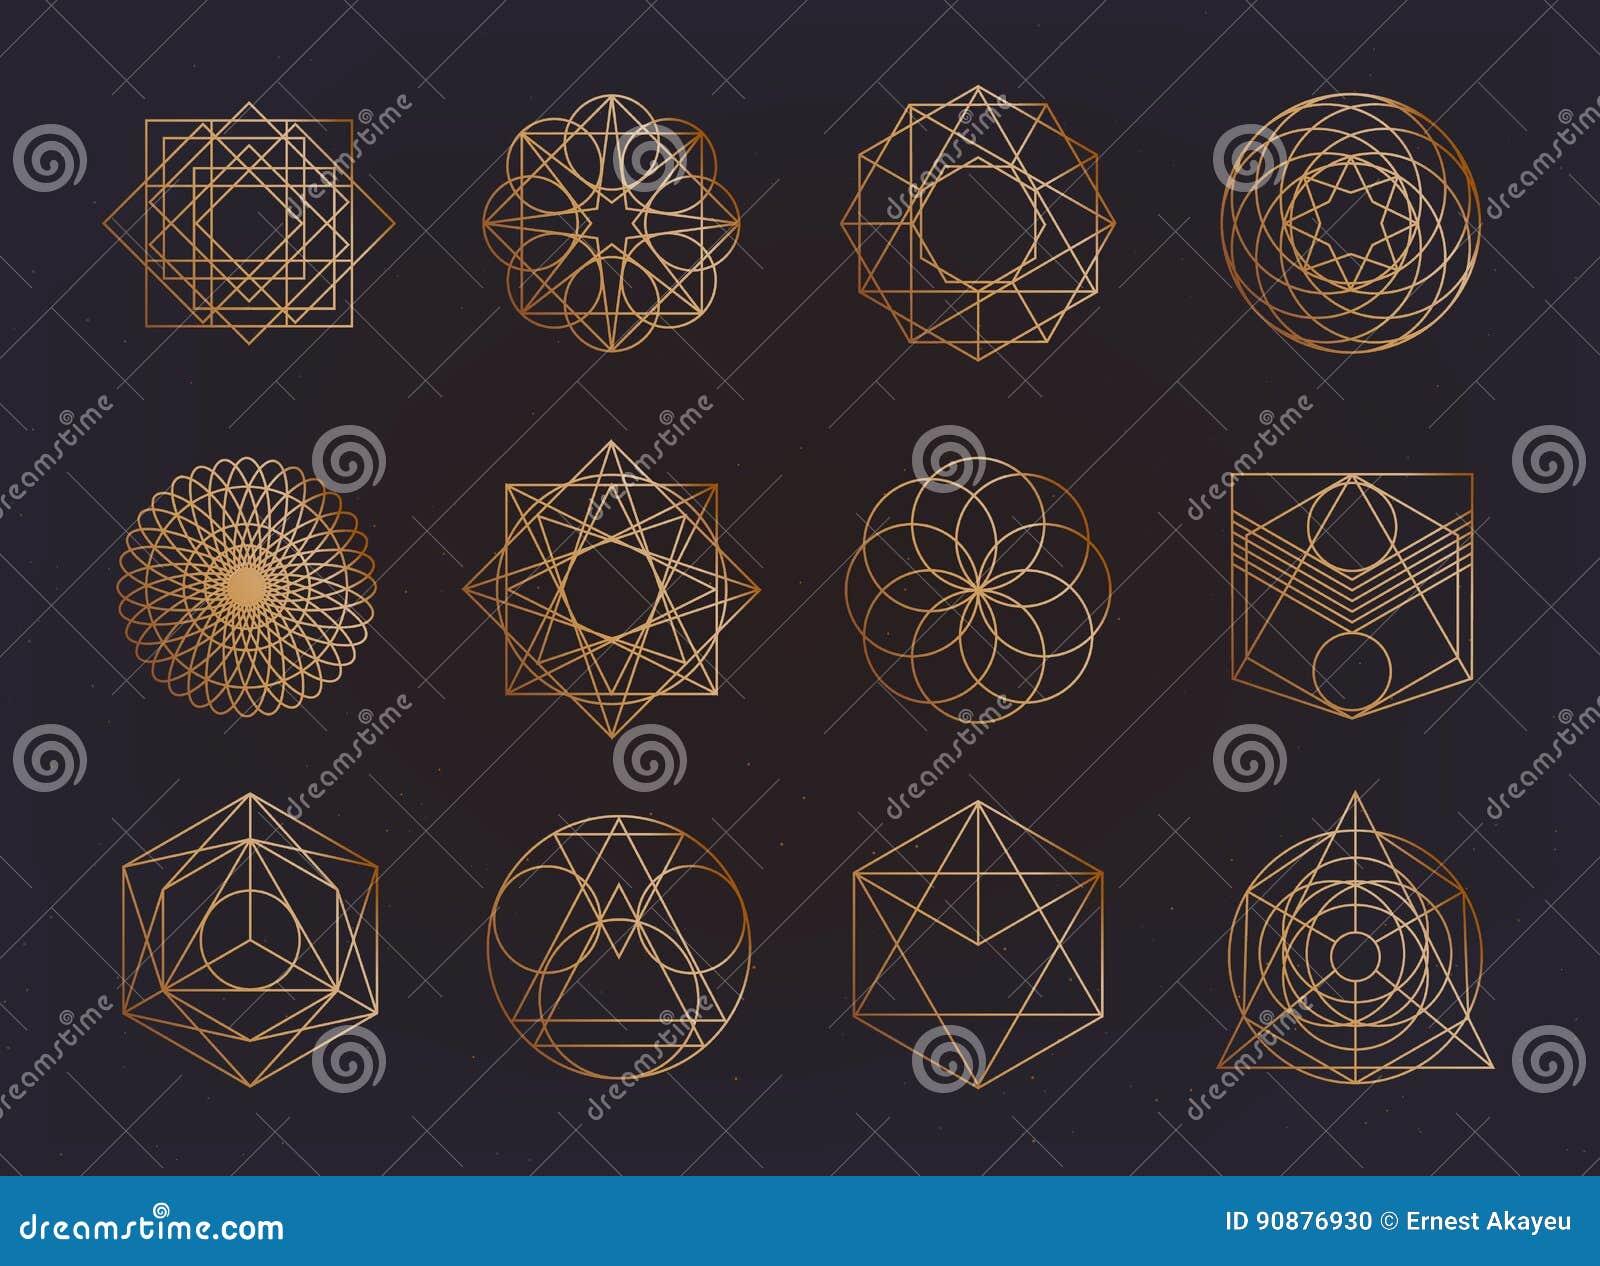 神圣的几何标志收藏 行家,摘要,方术,精神,神秘的元素集